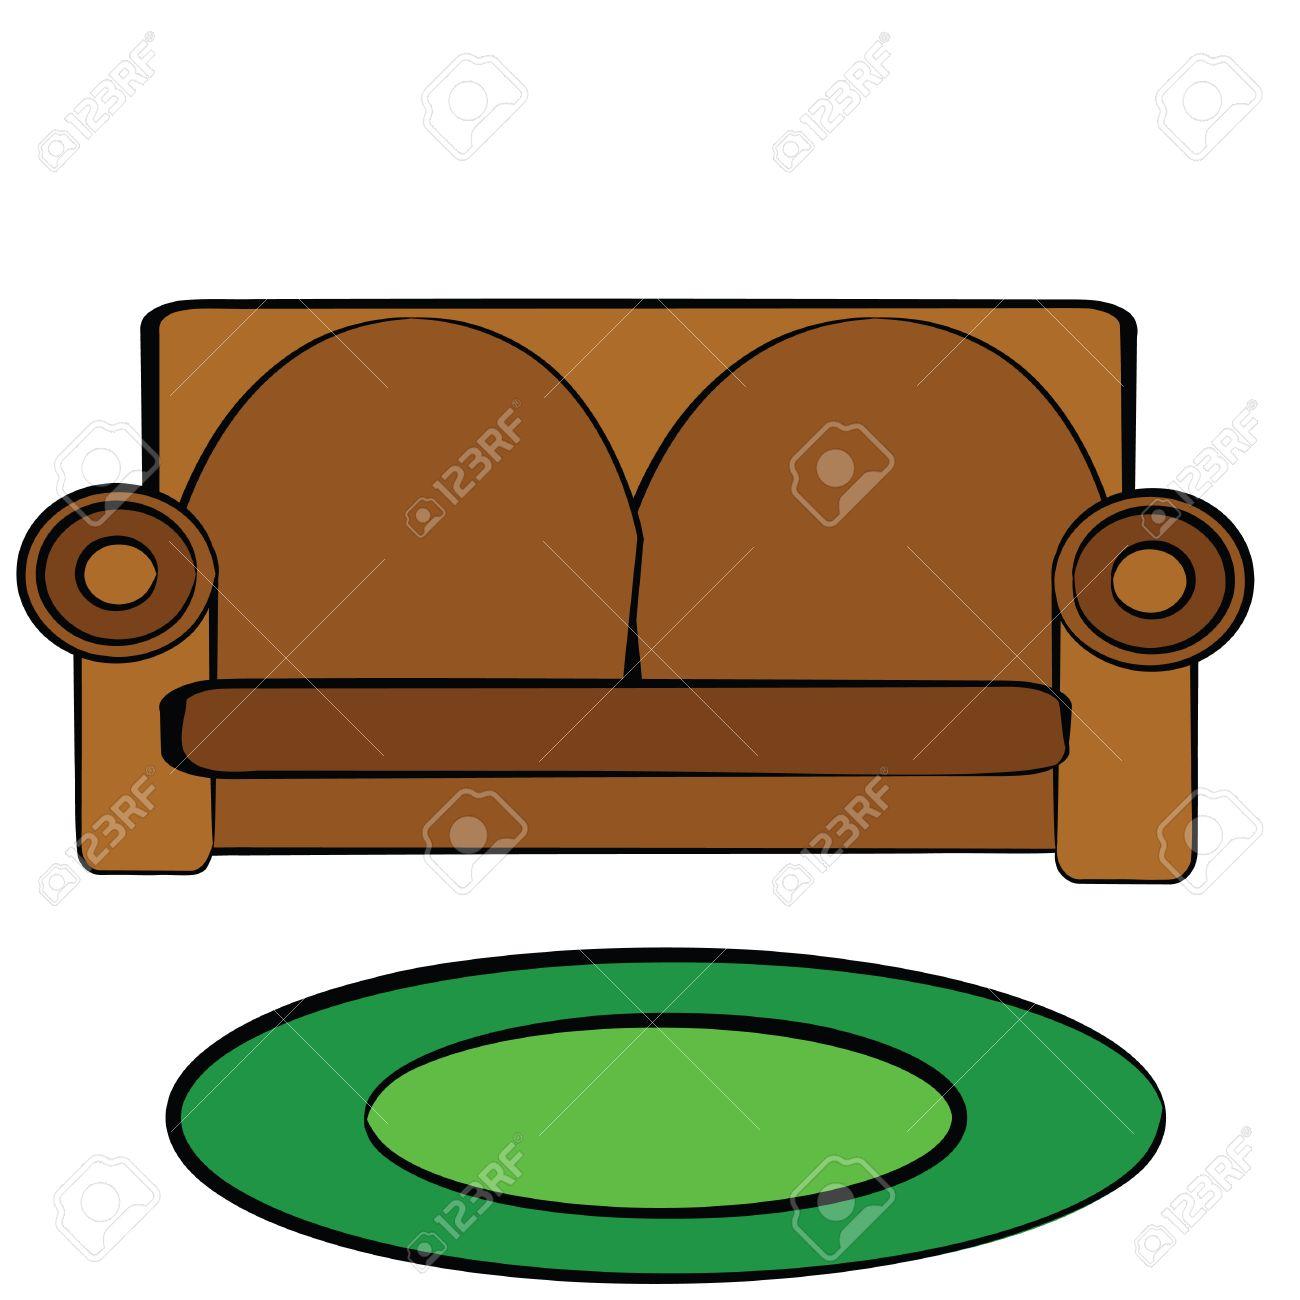 le dessin d'illustration d'un canapé en cuir brun clip art libres de